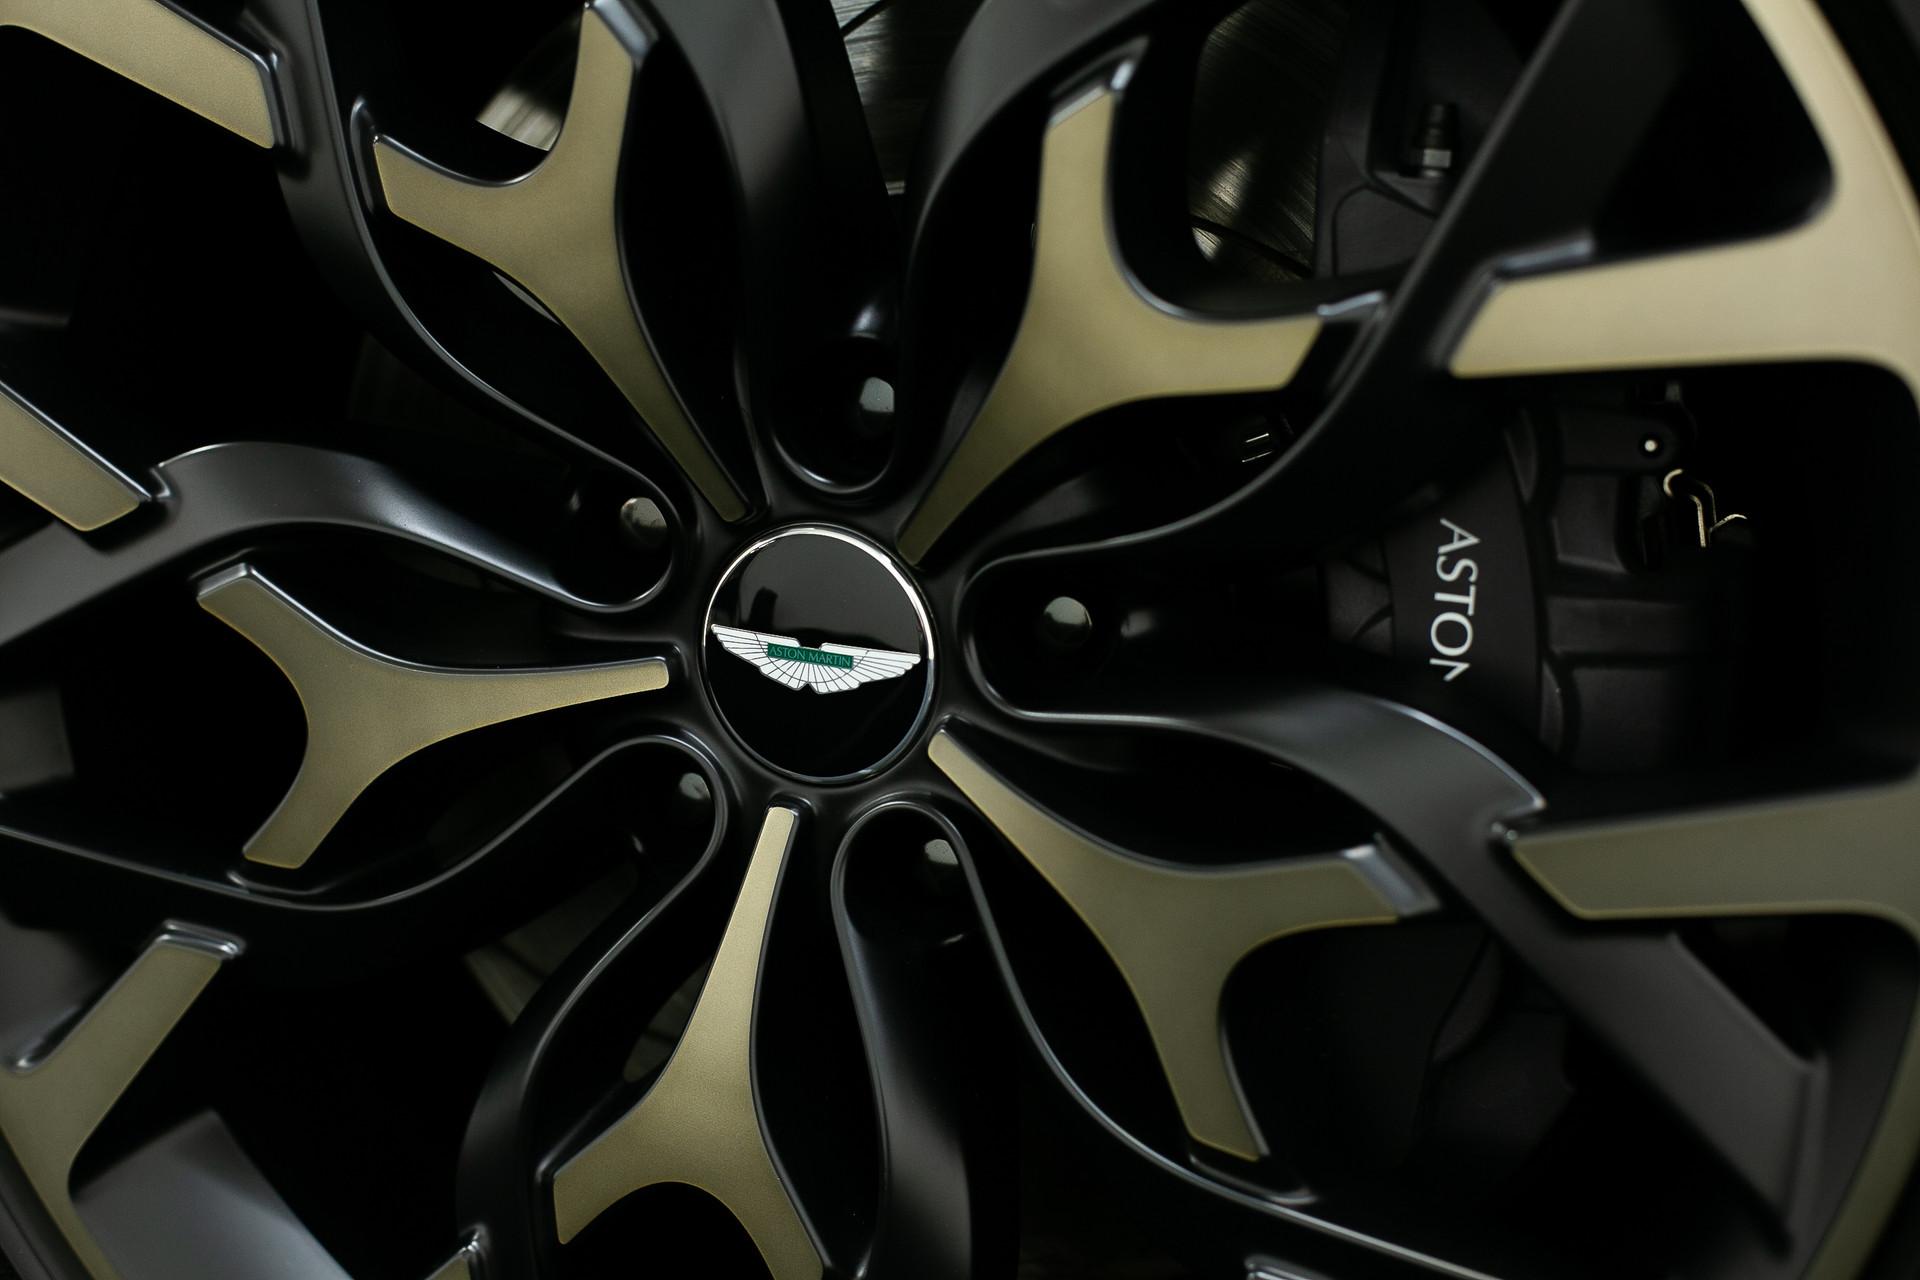 Aston martin DBX wheels in Hong Kong event